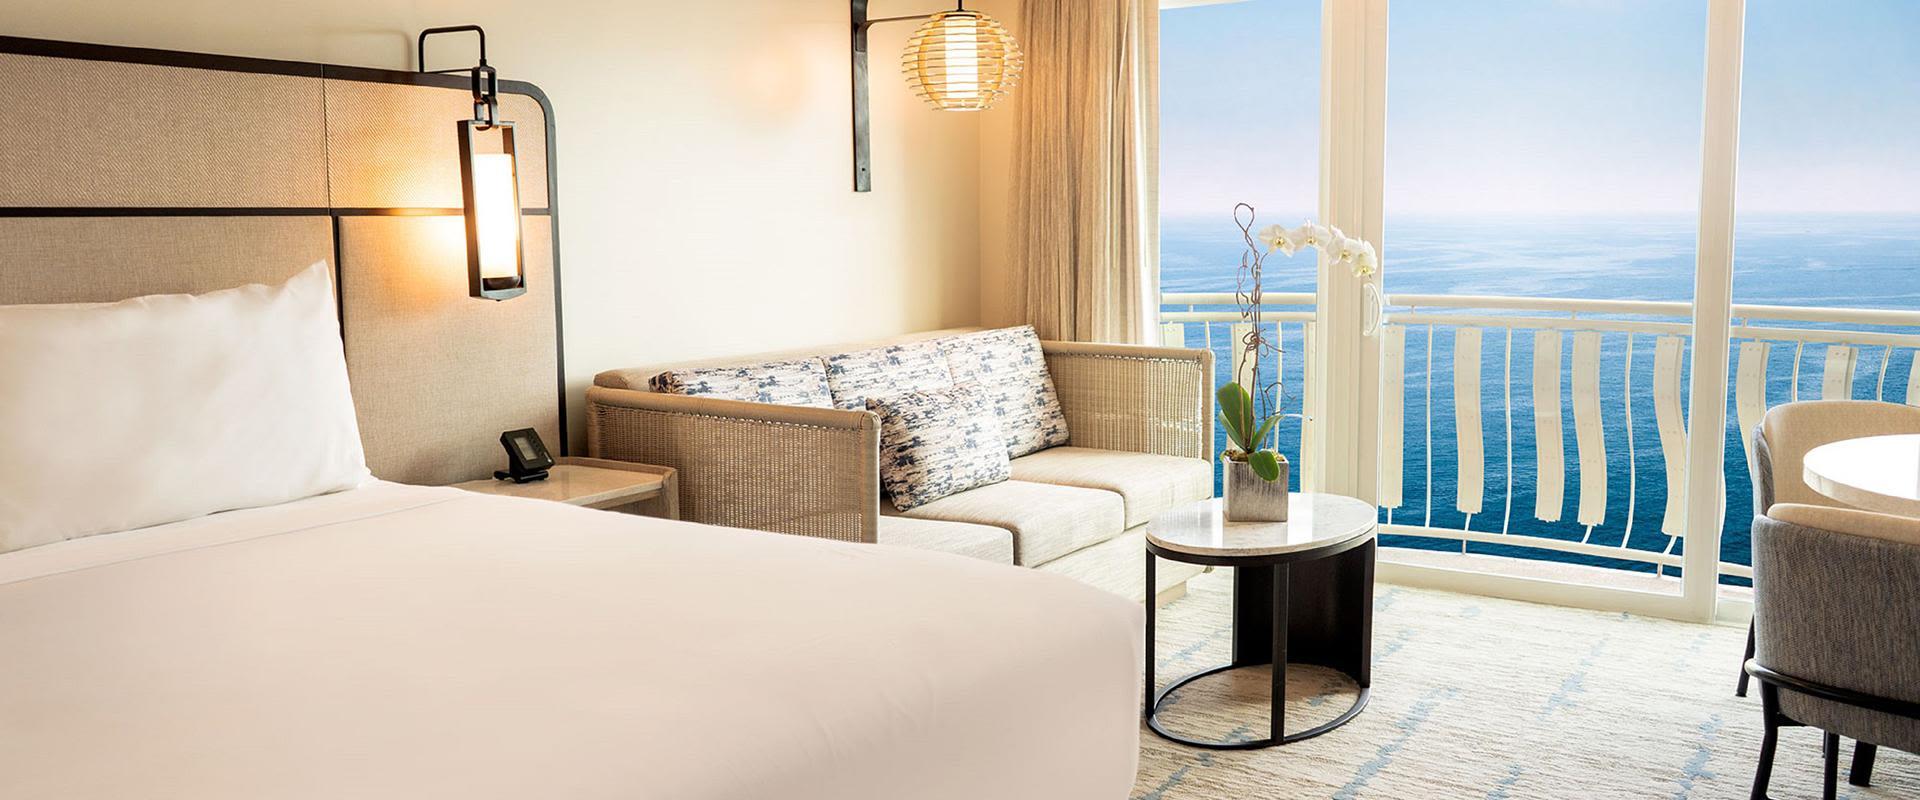 San Juan Resort Guest Room Oceanview